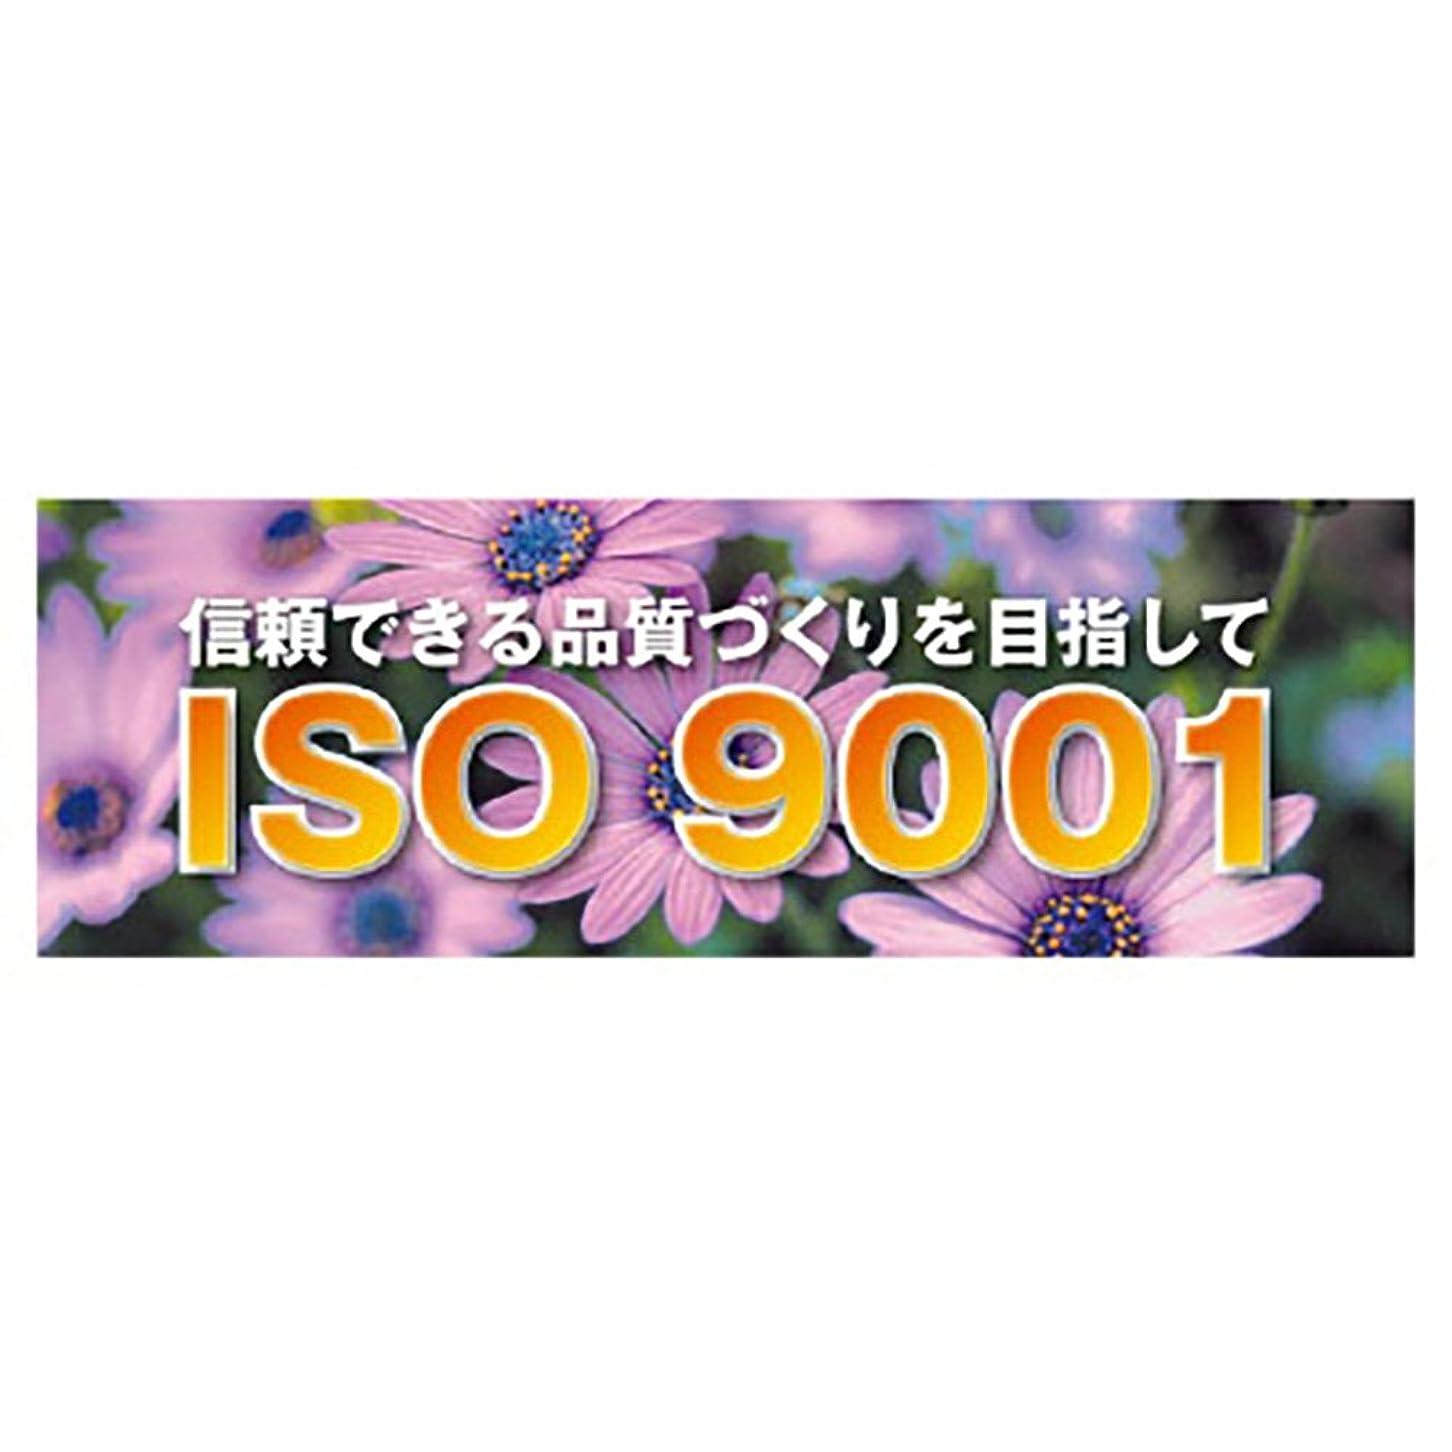 法王おかしいリットル【920-29】ISO9001 メッシュシート製